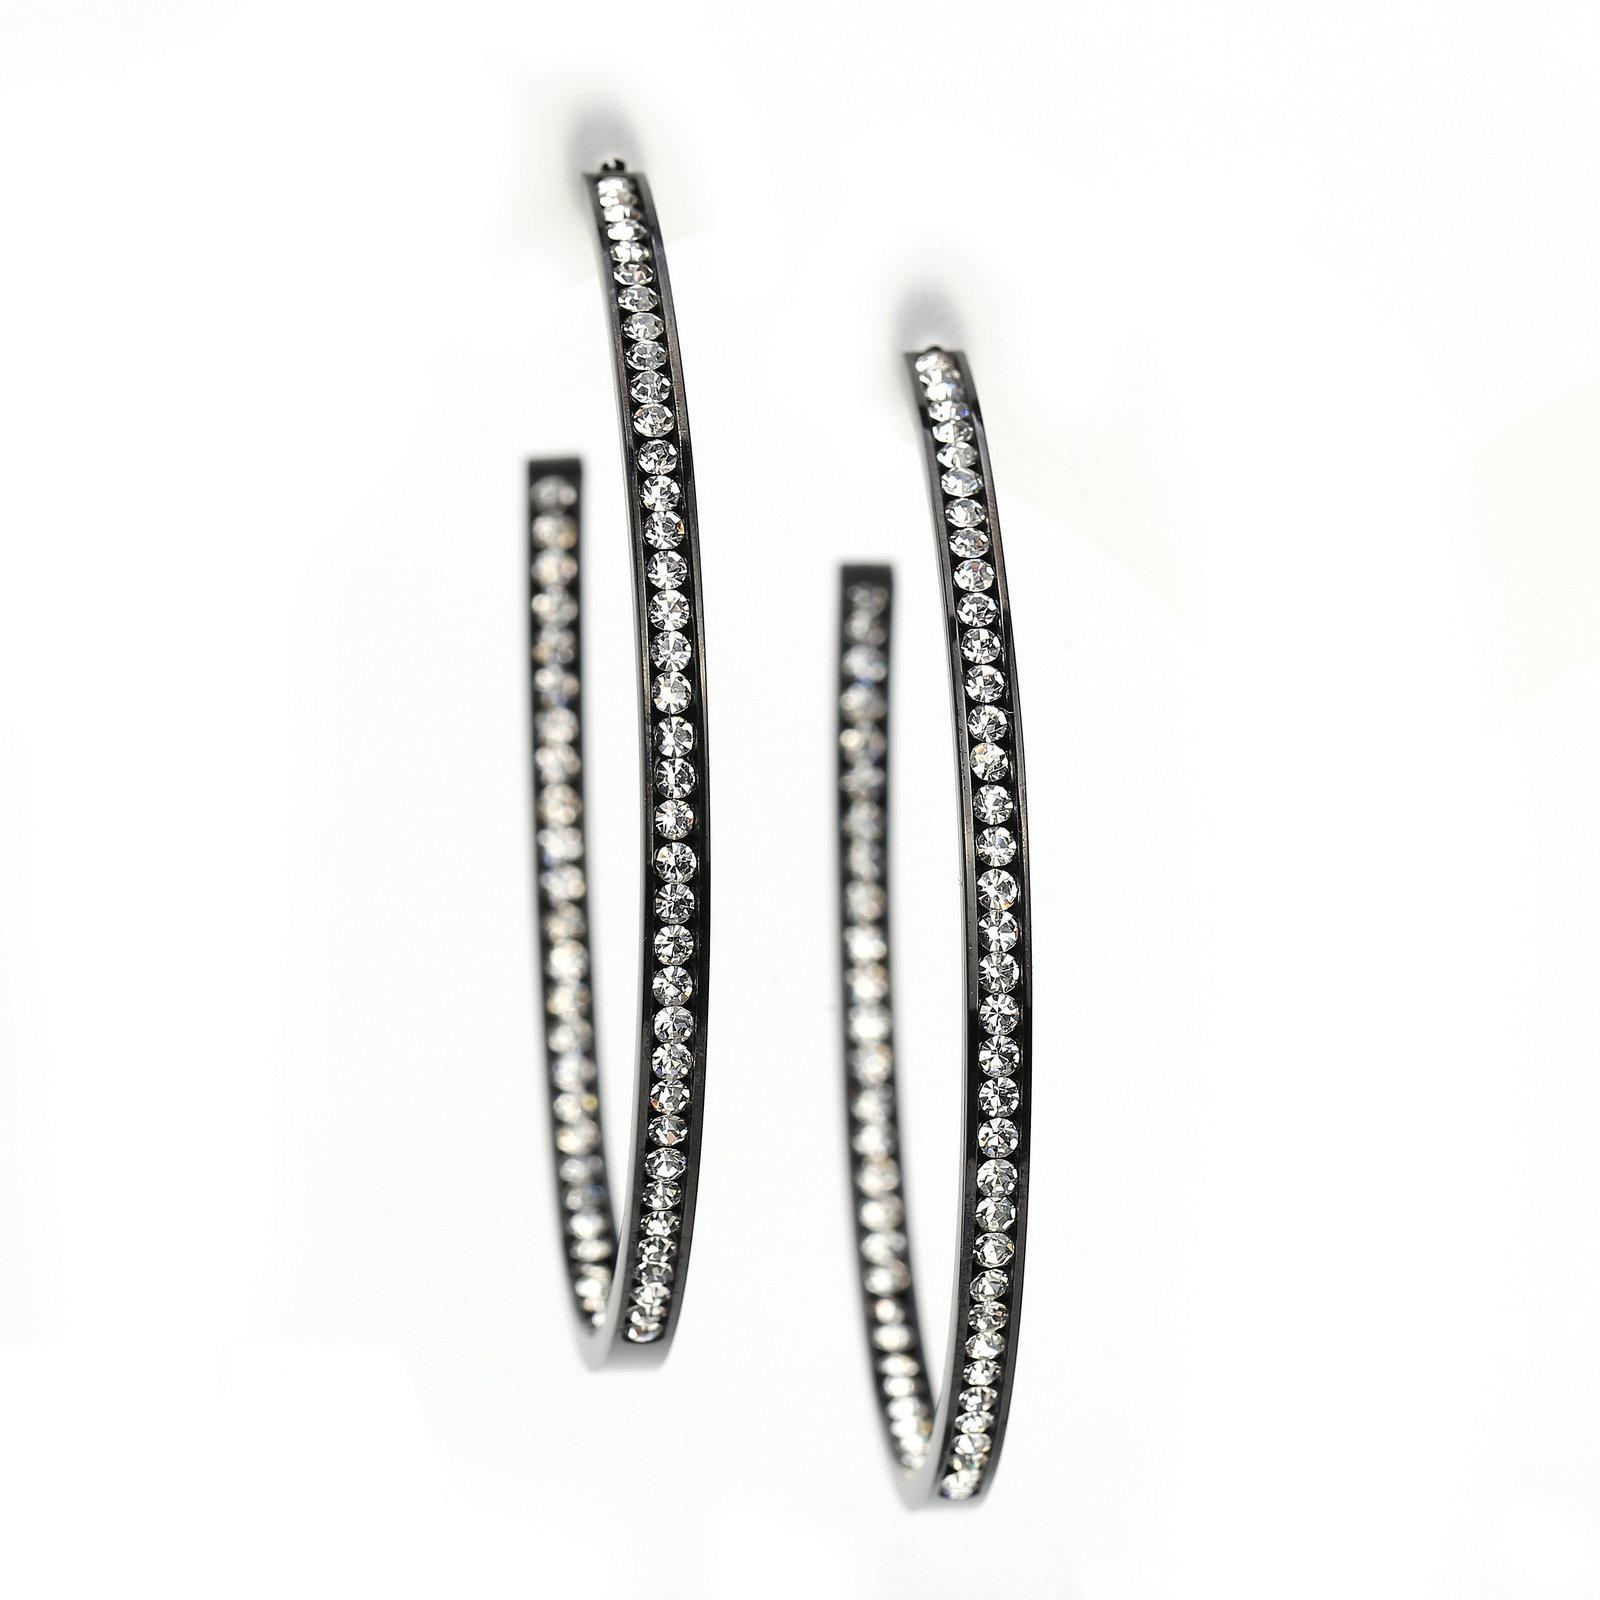 UNITED ELEGANCE Black Gun Metal Tone Hoop Earrings With Swarovski Style Crystals